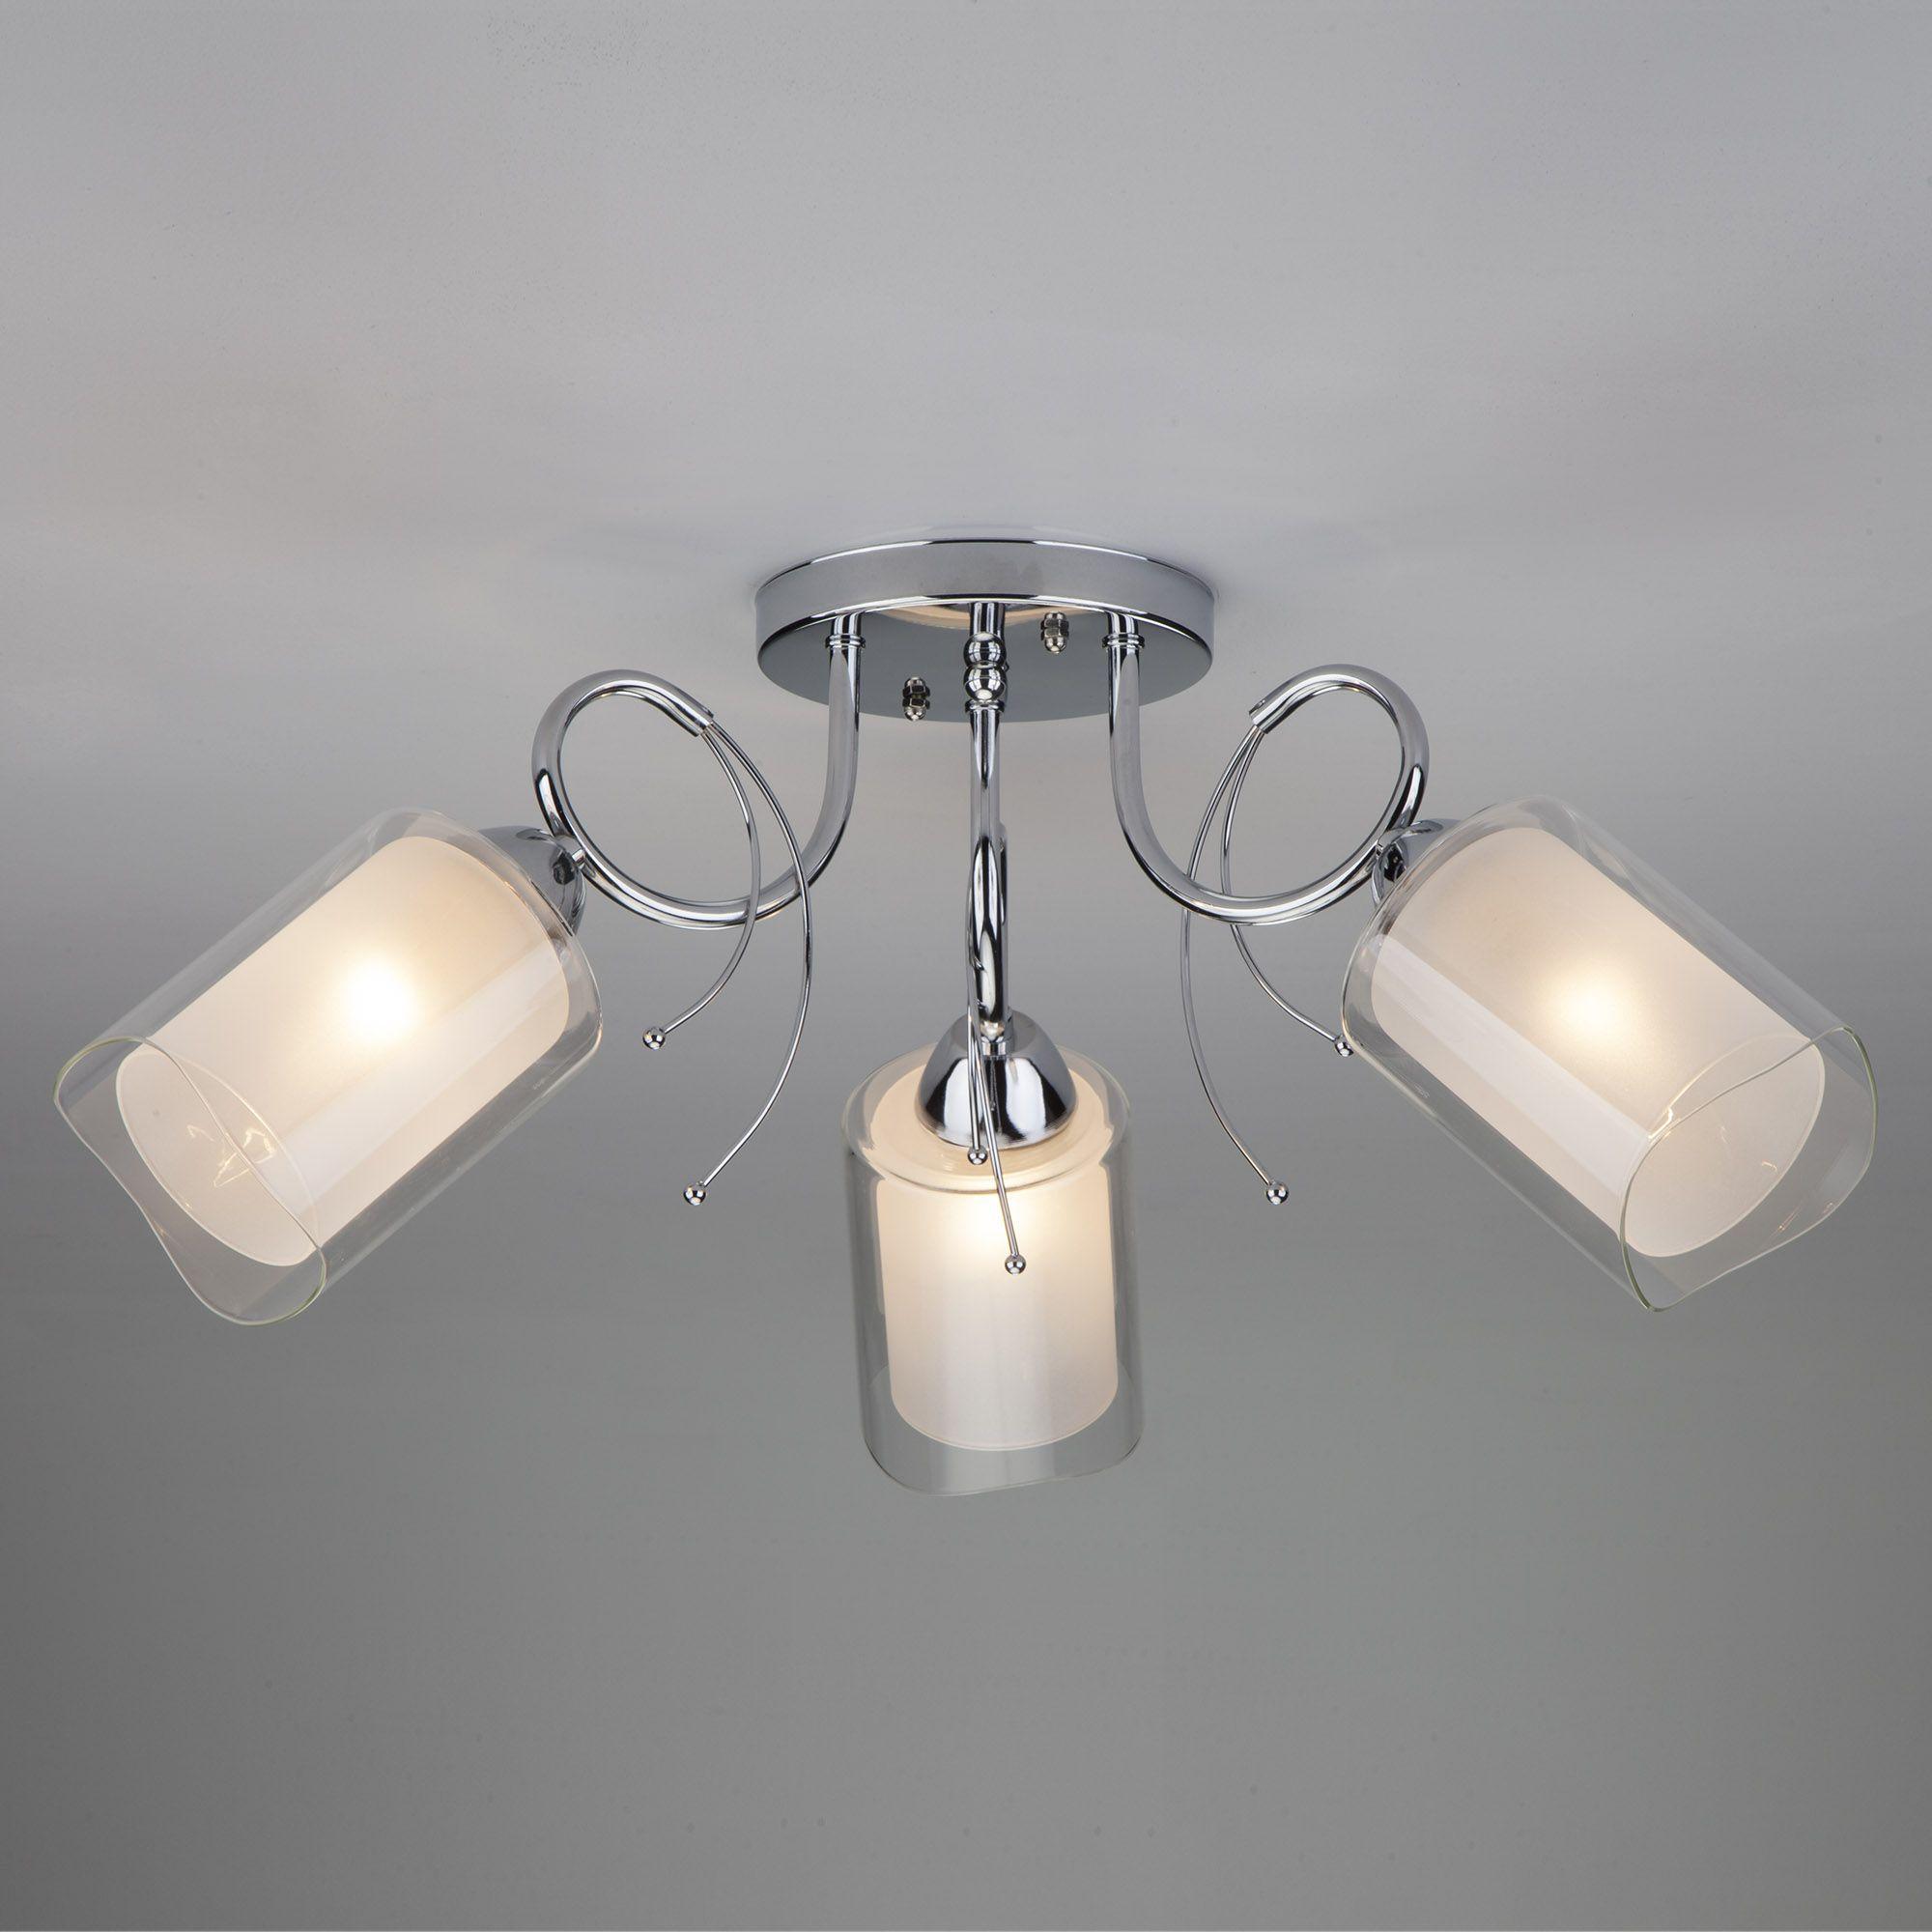 Потолочный светильник с двойными плафонами 30122/3 хром